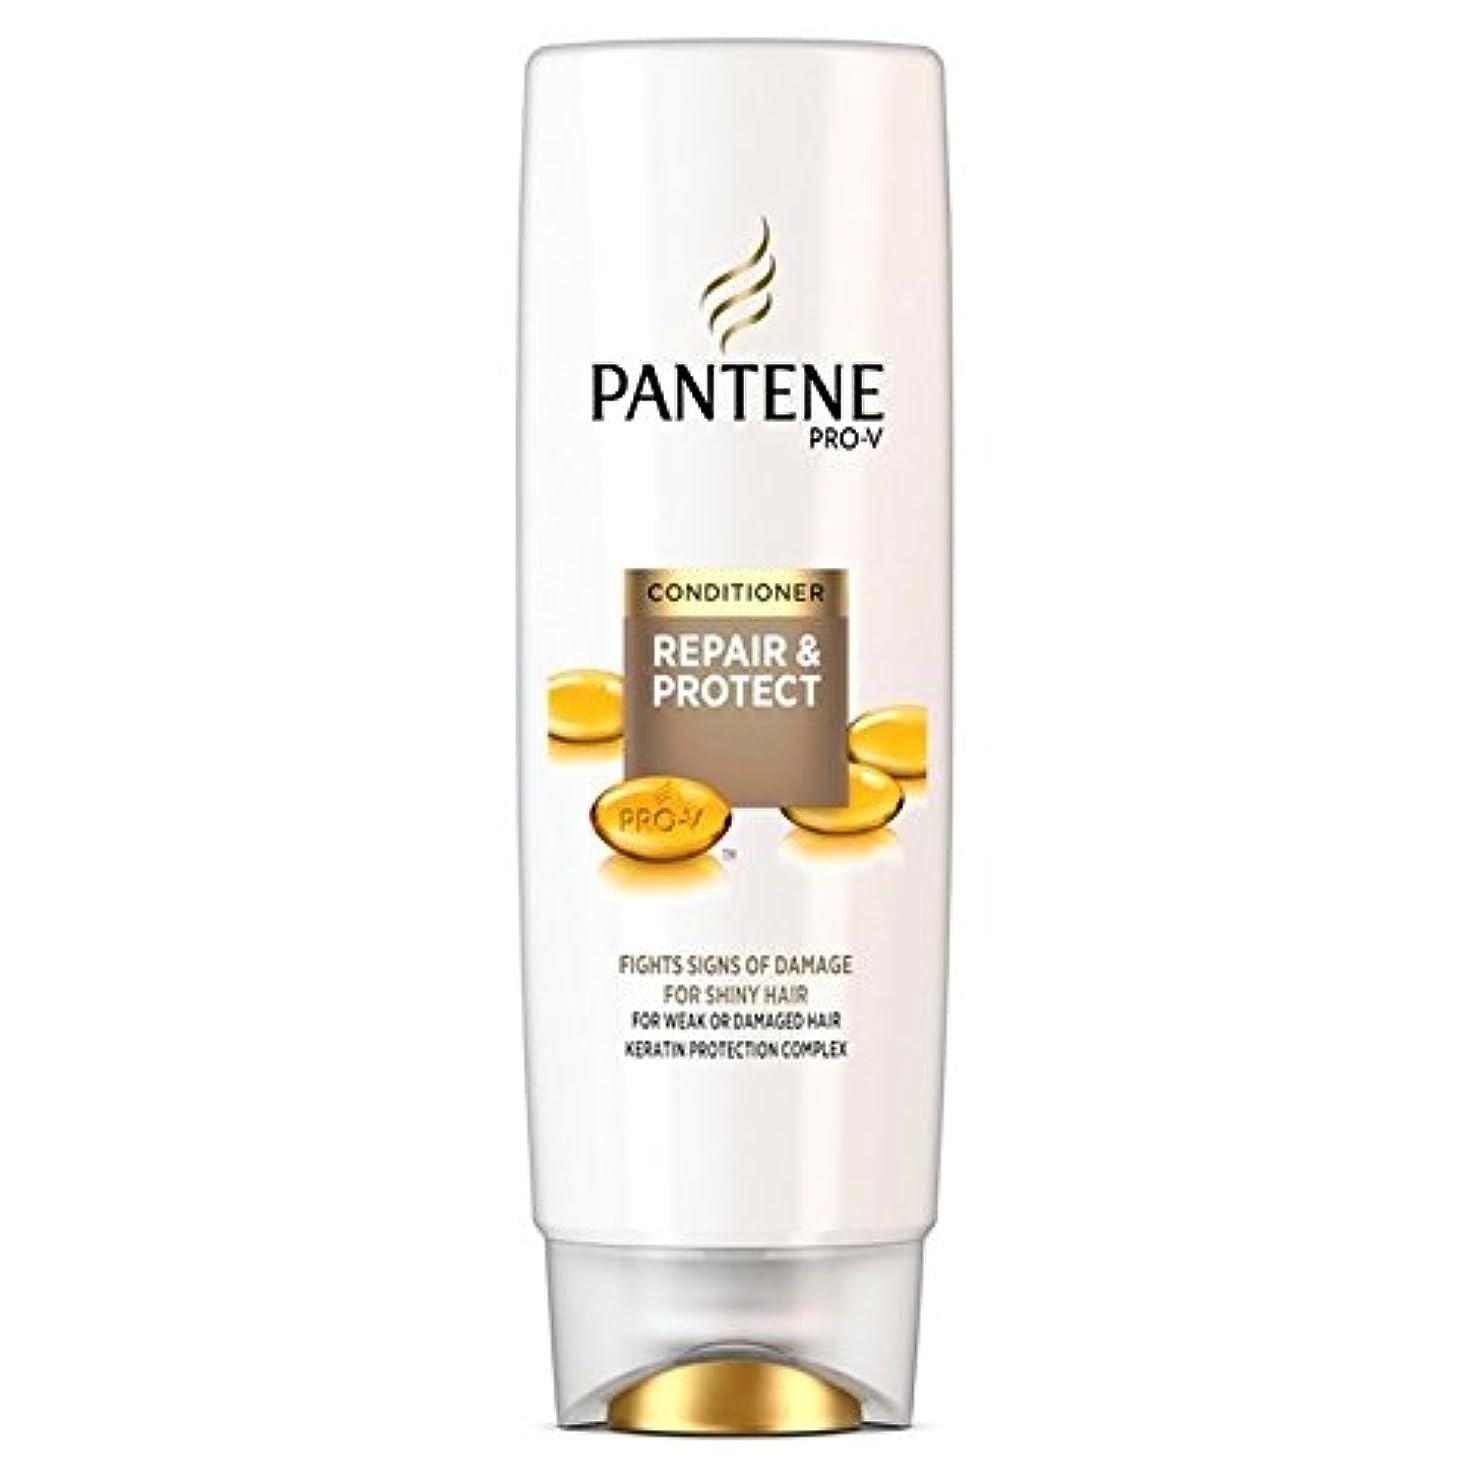 アーティスト司教銀行パンテーンコンディショナーの修理&弱いか、傷んだ髪の250ミリリットルのための保護 x4 - Pantene Conditioner Repair & Protect For Weak Or Damaged Hair 250ml...